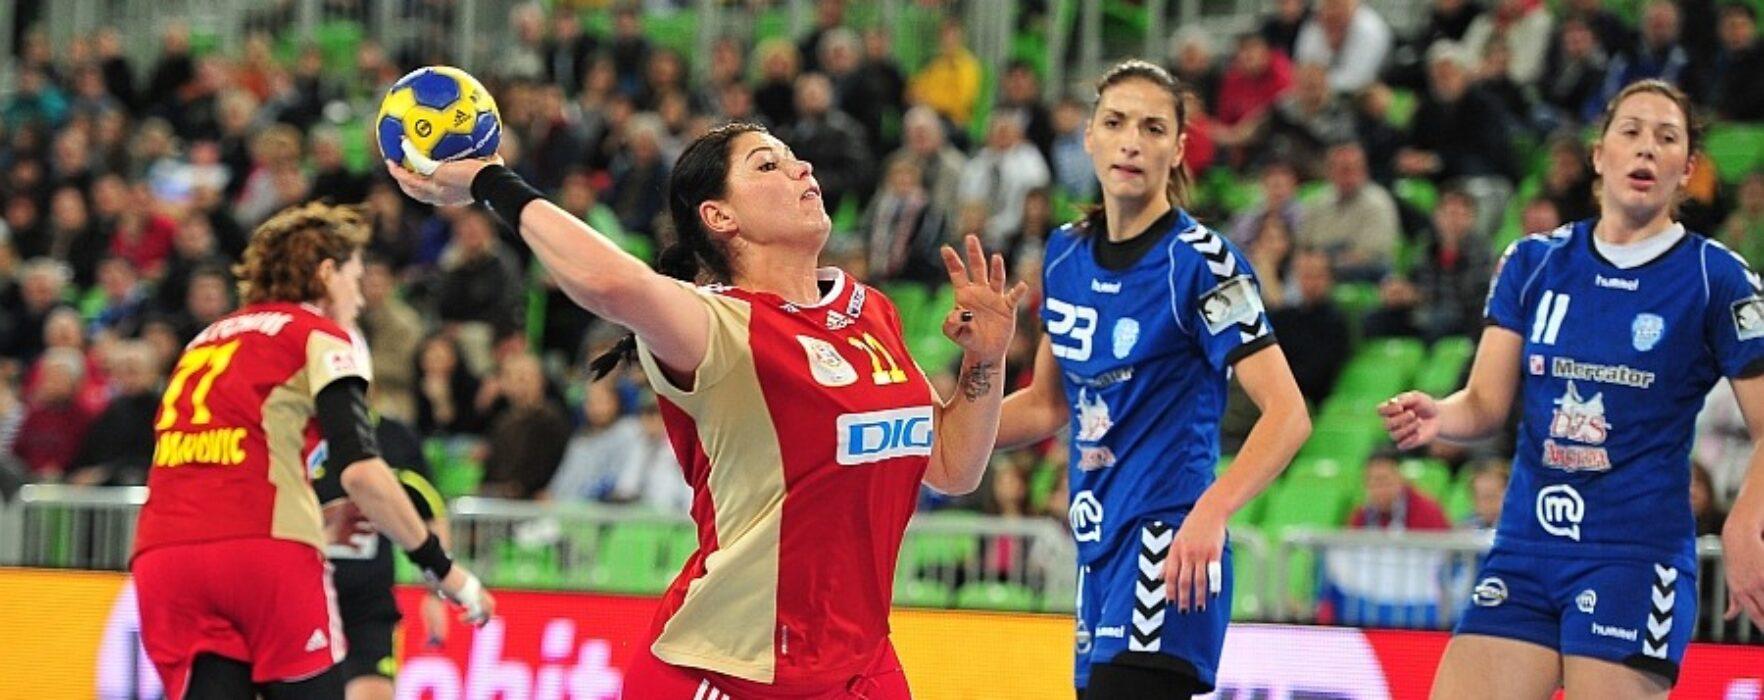 Cupa României la handbal feminin, la Târgovişte; echipele calificate în sferturi